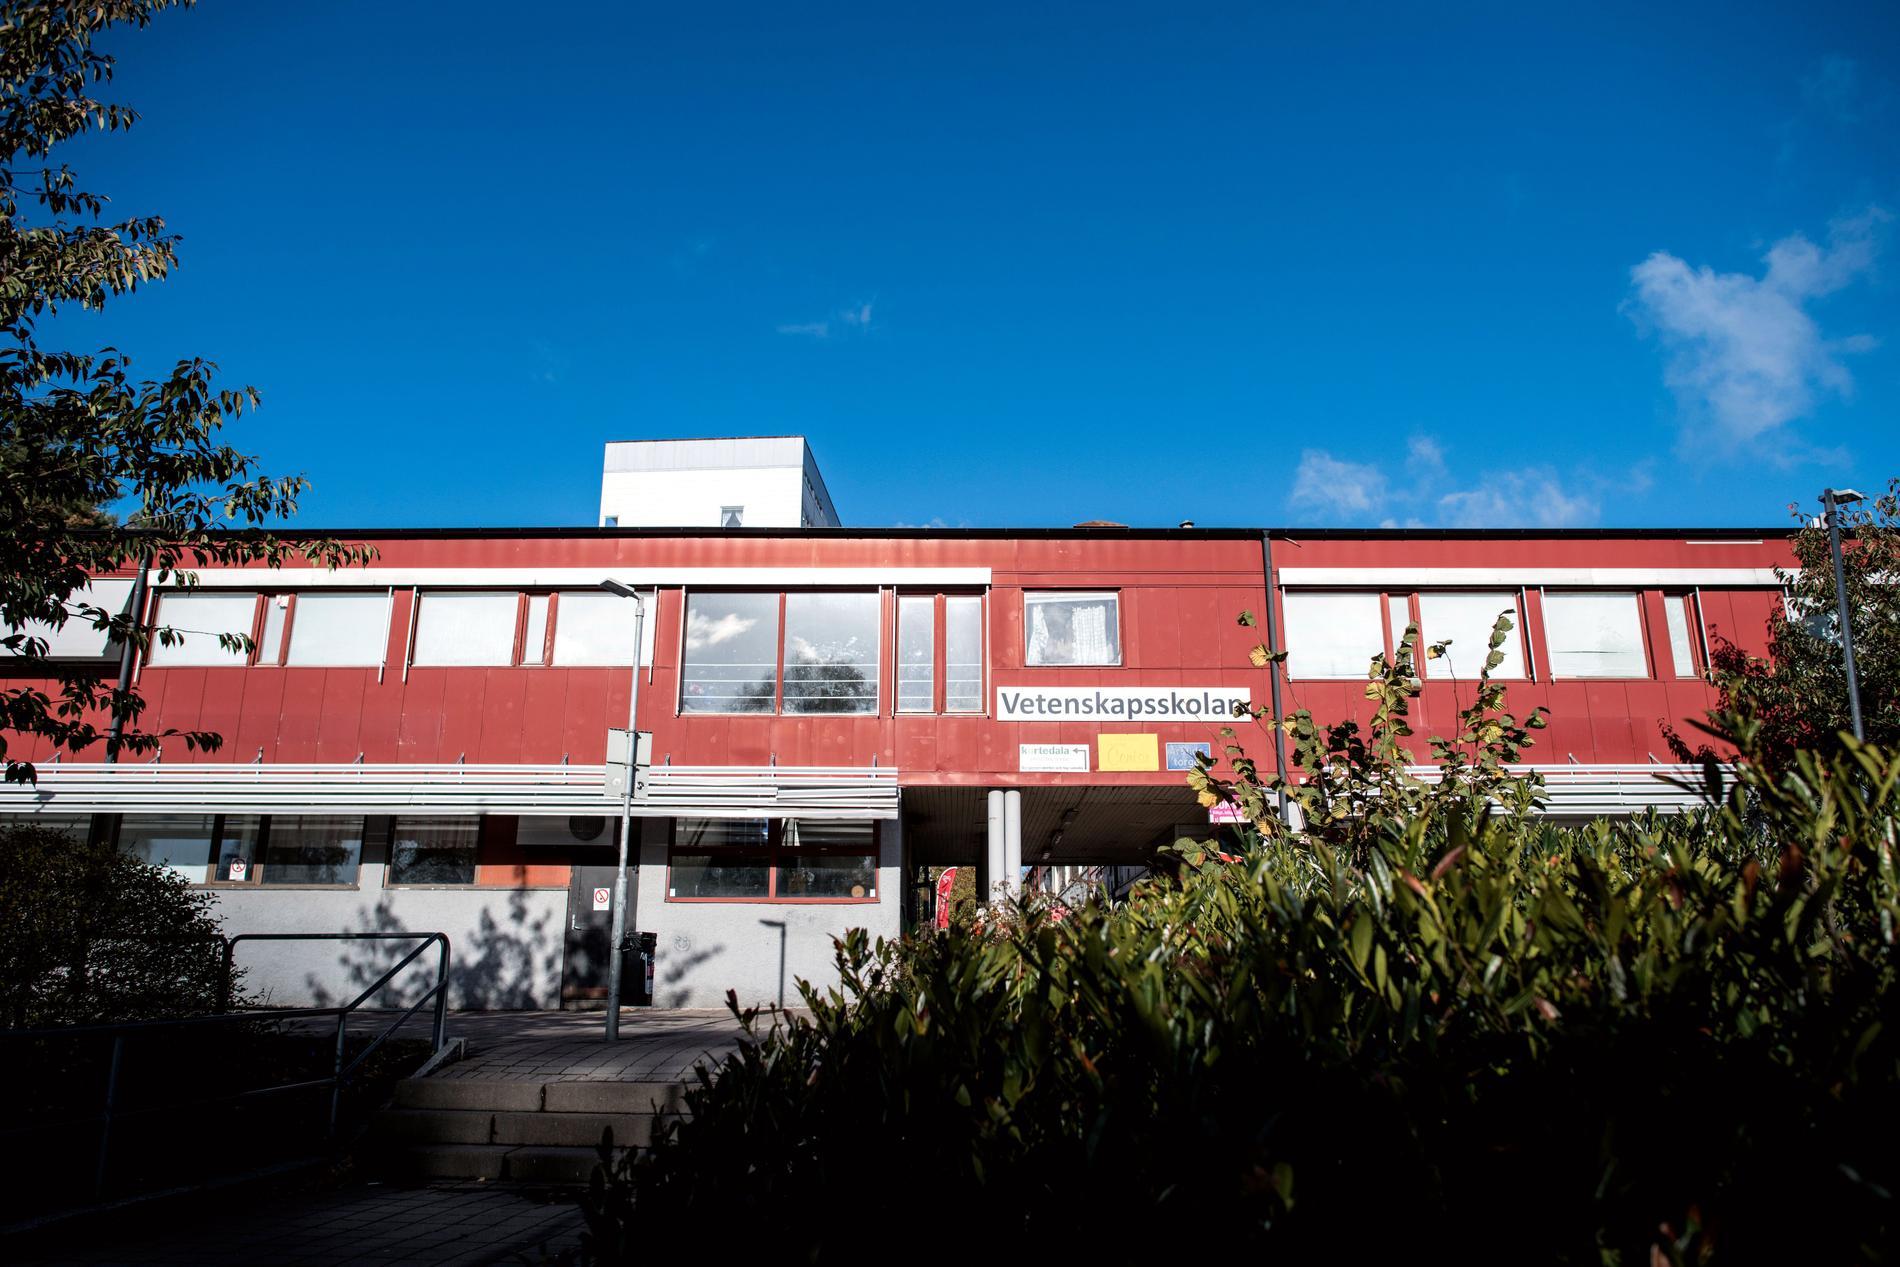 Vetenskapsskolan, som även drevs under namnet Safirskolan, fick lägga ner 2019 efter att ha mist tillståndet.